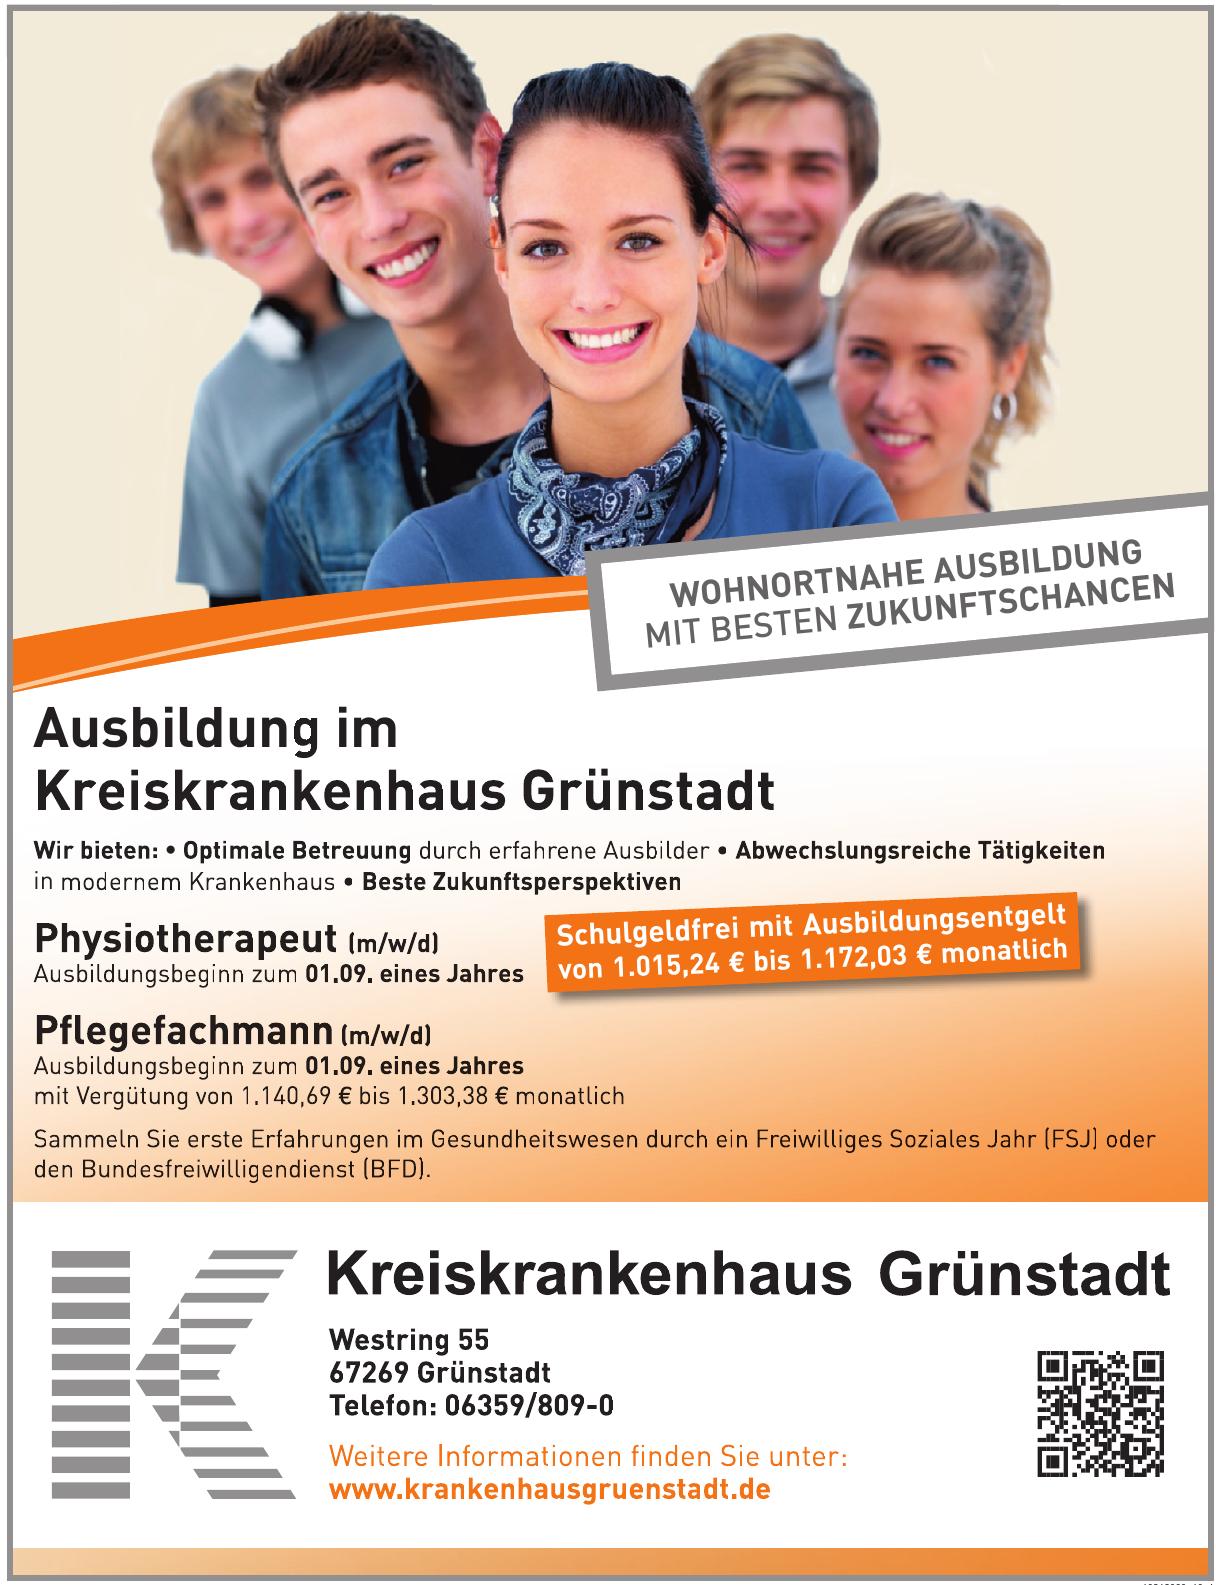 Kreiskrankenhaus Grünstadt